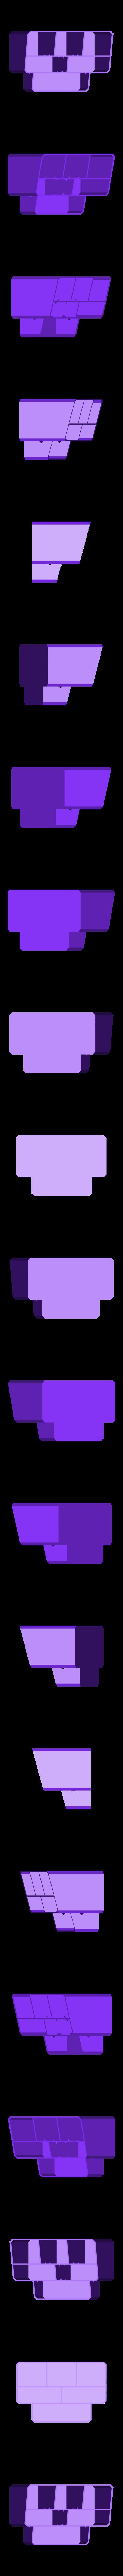 PenHolder with dot v2.stl Download free STL file Pencil case • 3D printing design, ReMont